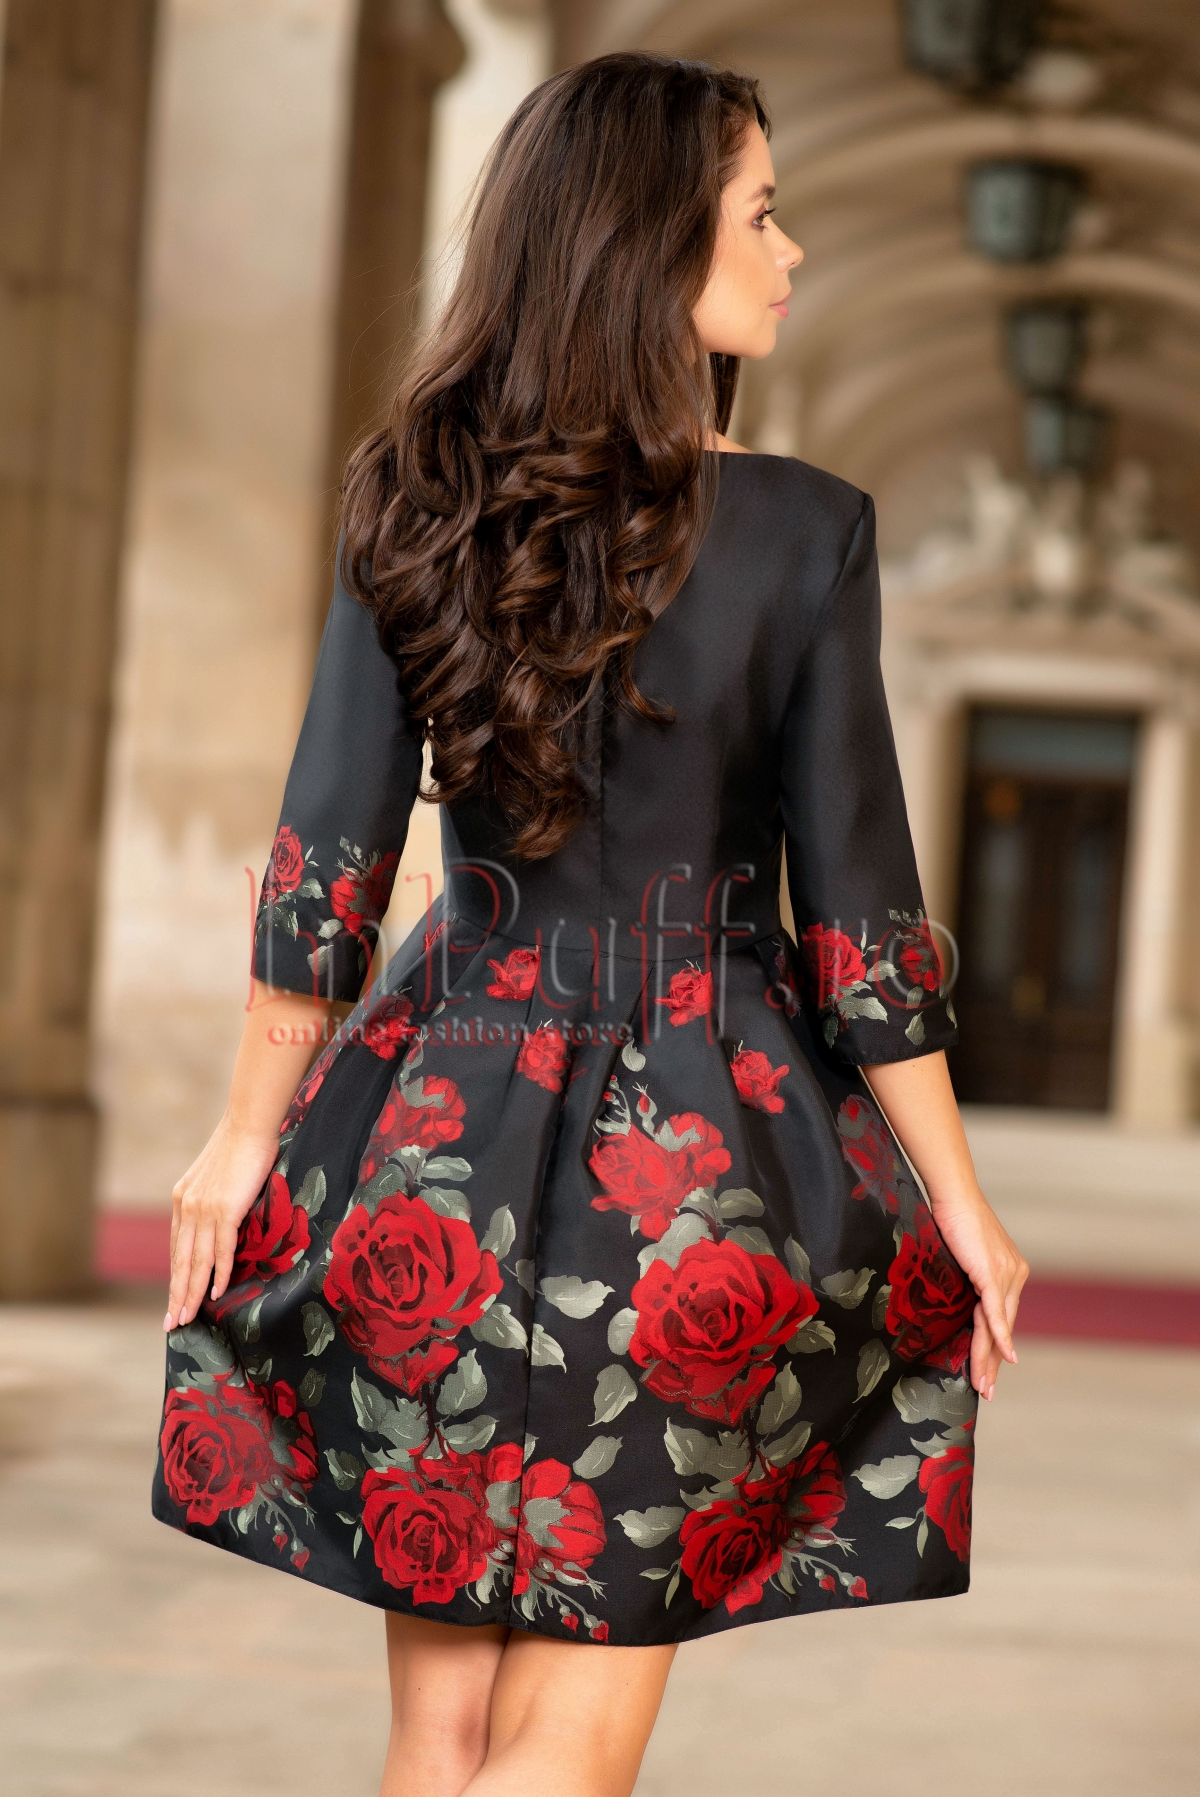 Rochie Pretty eleganta din tafta neagra cu flori mari rosii